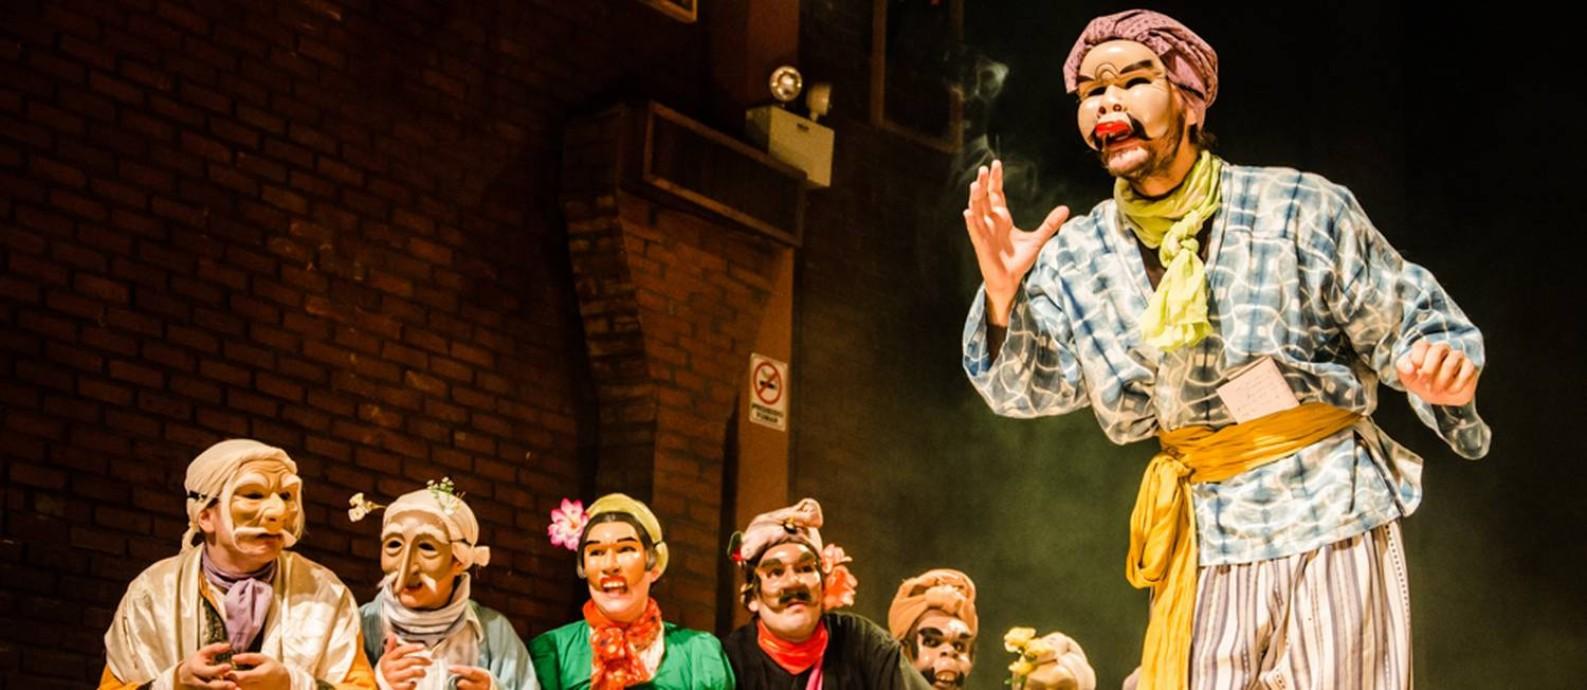 Batalhinha. Espetáculo de improvisação com máscaras estreia temporada no Teatro Ipanema Foto: Divulgação / Aline Macedo / Divulgação / Aline Macedo